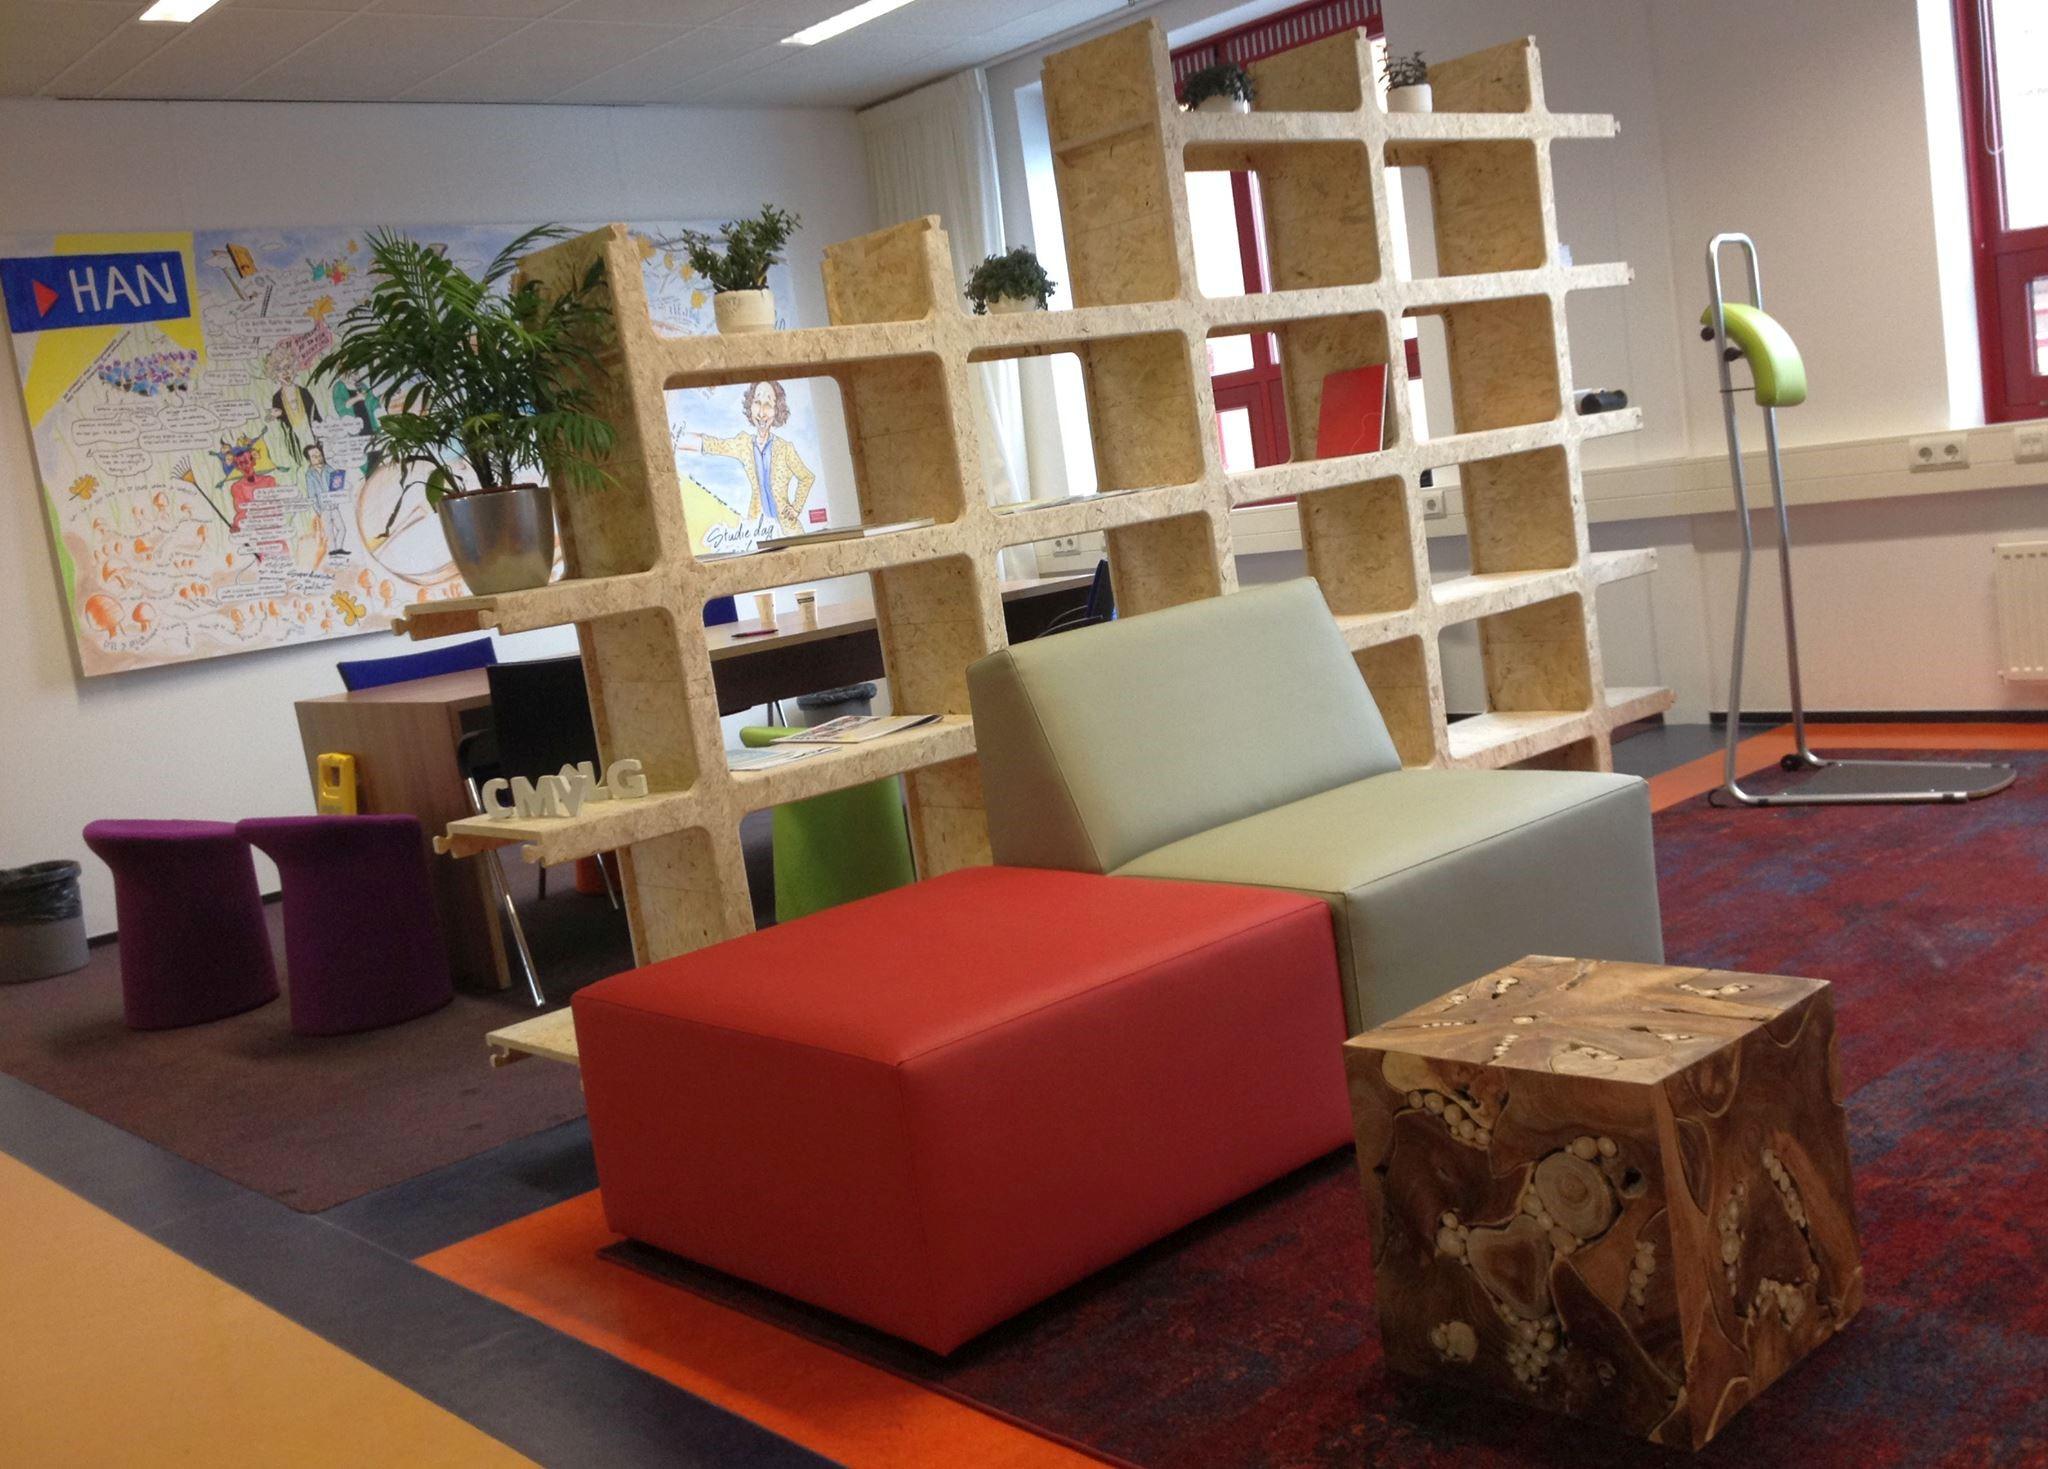 Ngành Kinh doanh Quốc tế của HAN được giảng dạy tại Khu học xá Arnhem